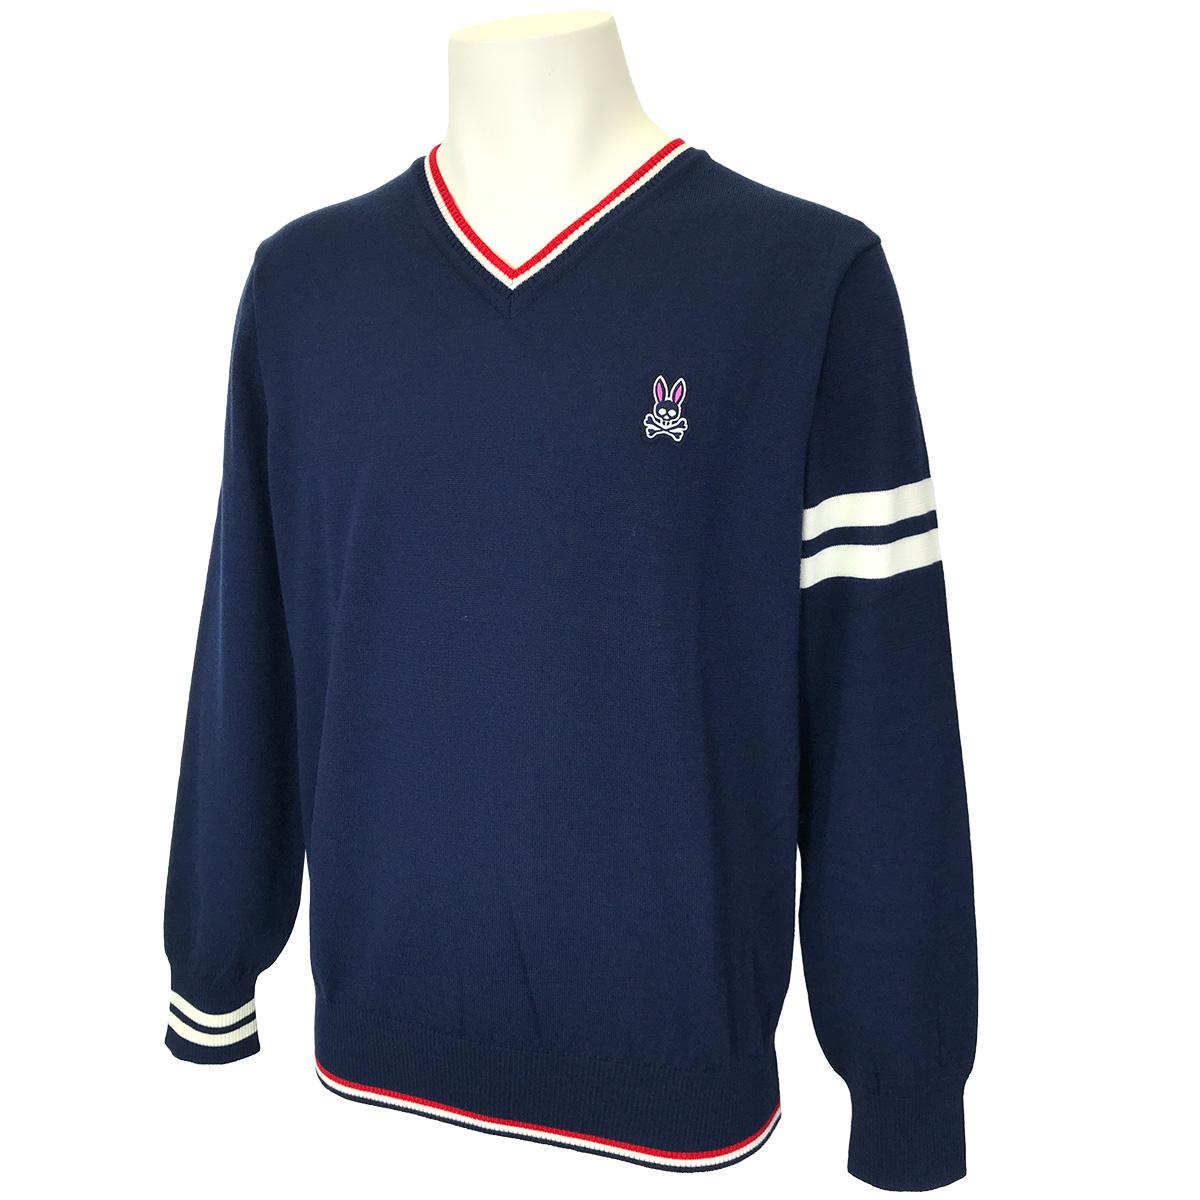 スリーブライン ワンポイントVネックセーター